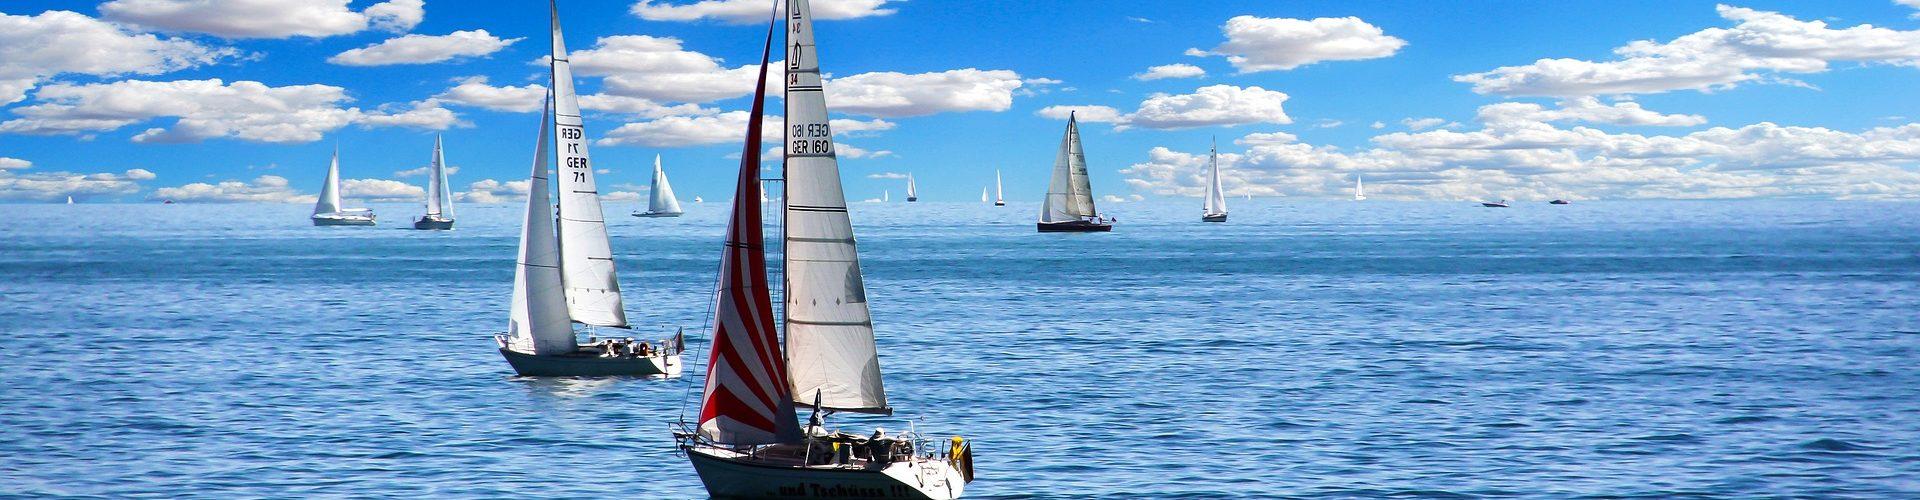 segeln lernen in Nierstein segelschein machen in Nierstein 1920x500 - Segeln lernen in Nierstein